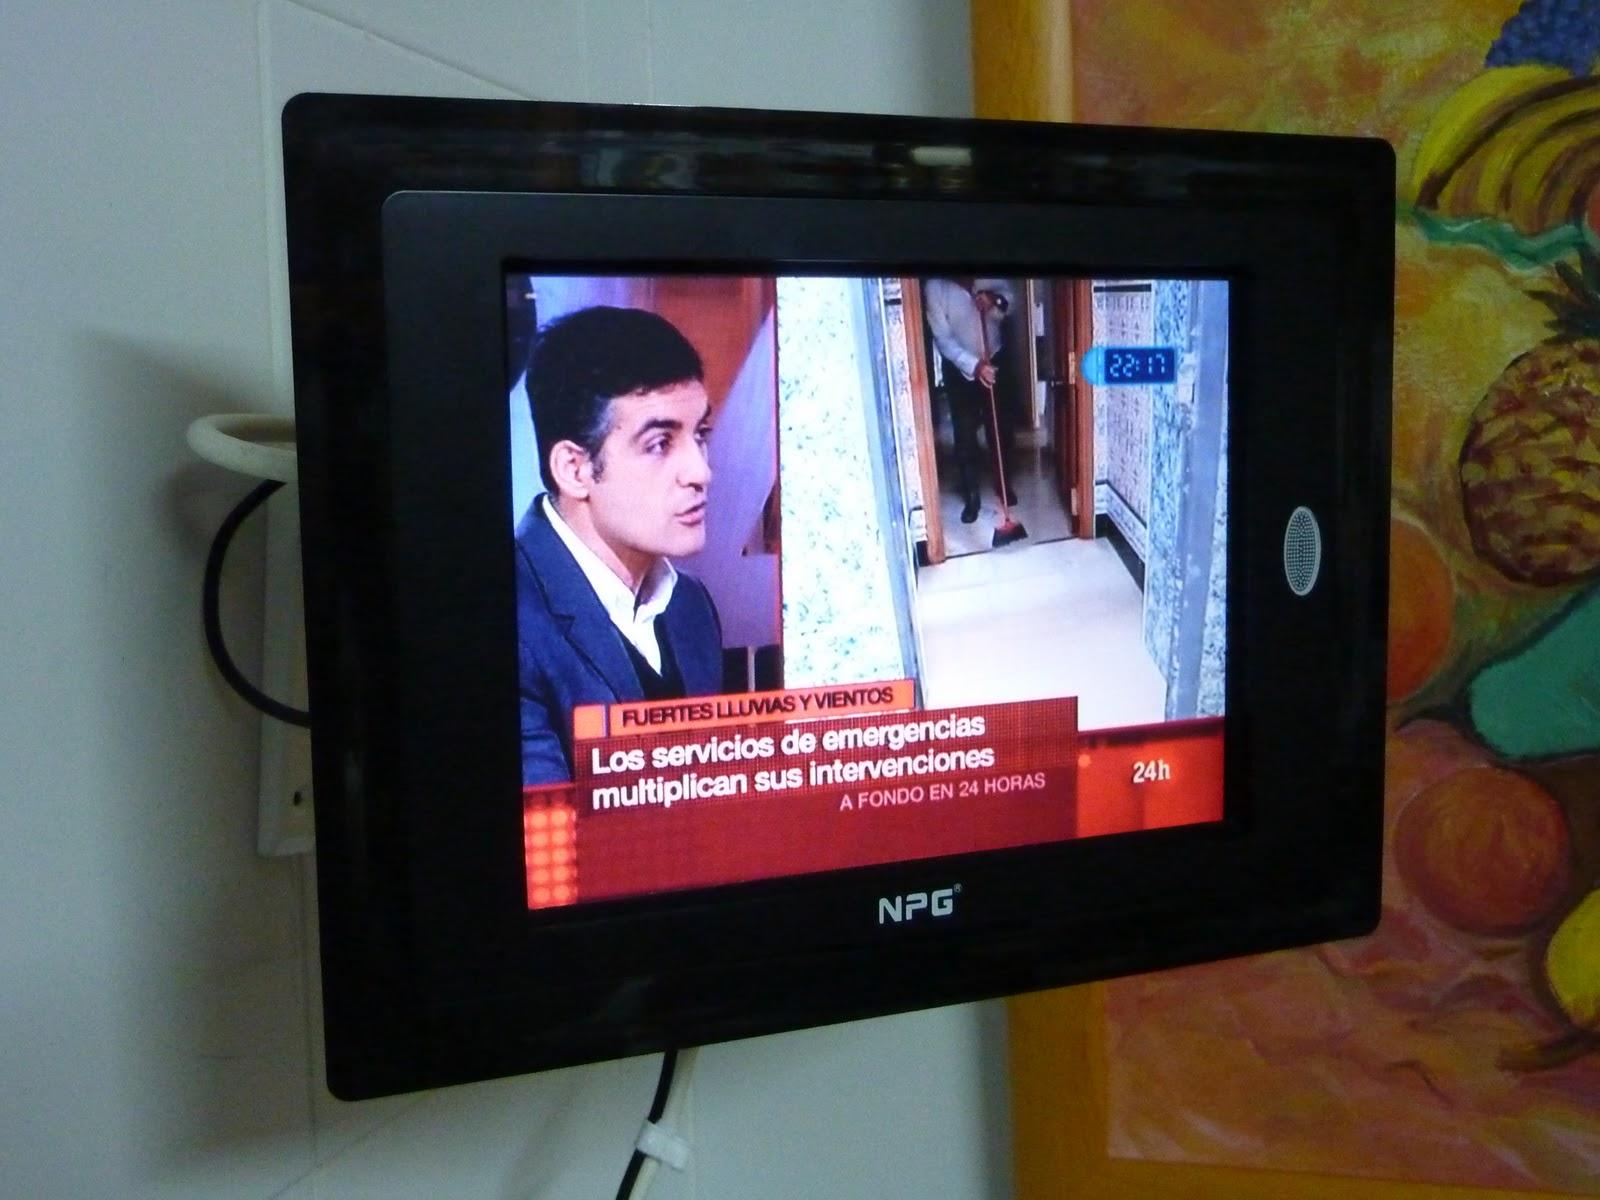 Mi Cuarta Dimension: Soporte de pared barato para TV-LCD